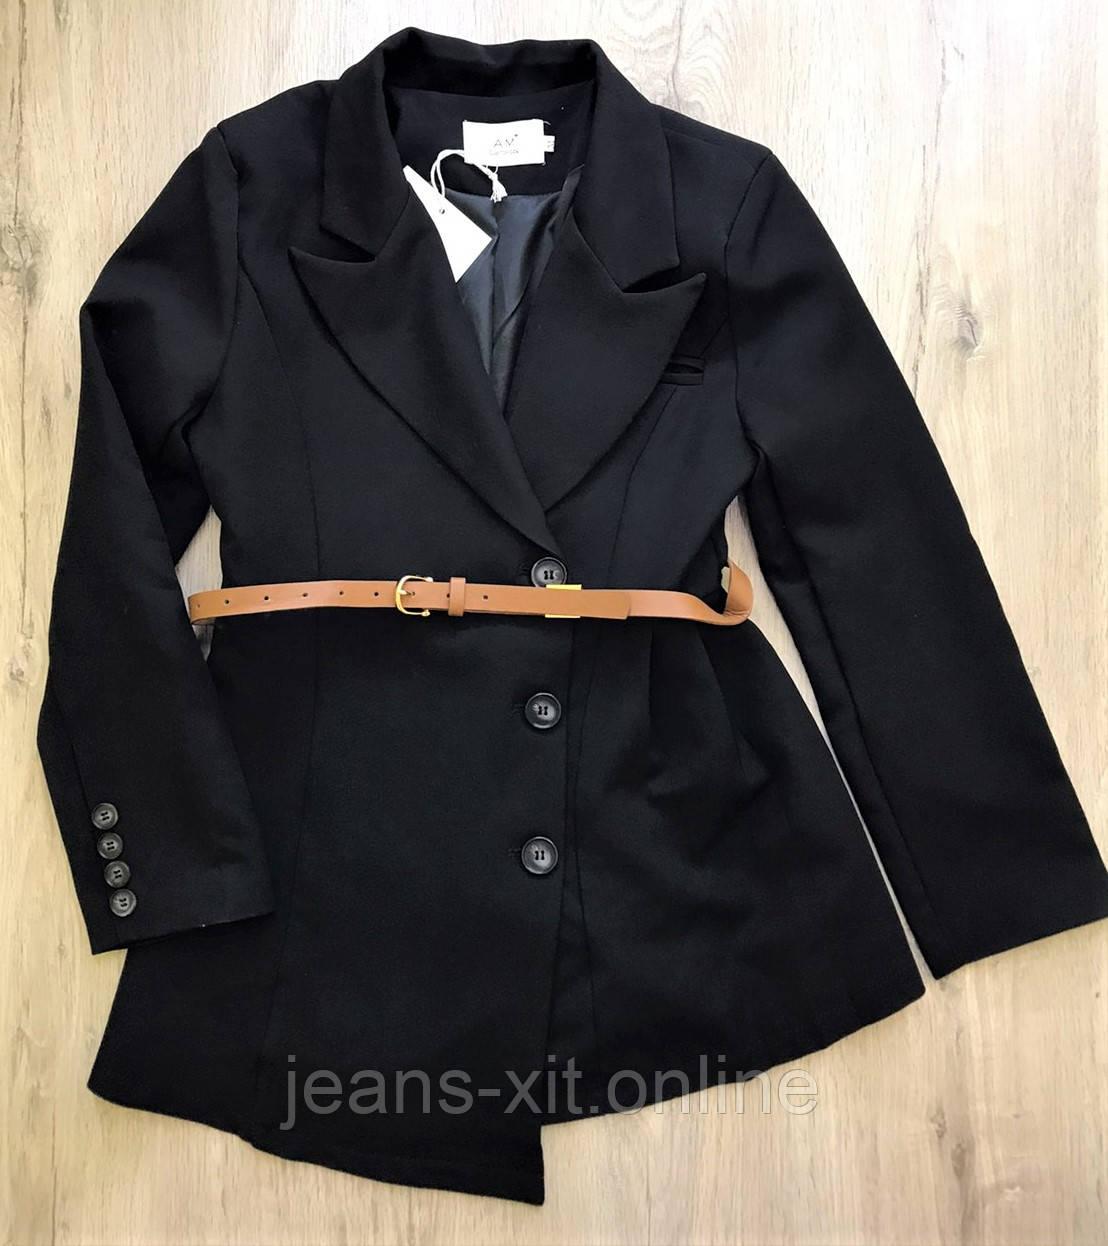 Жакет женский L(р) черный 8015 КНР Весна-D